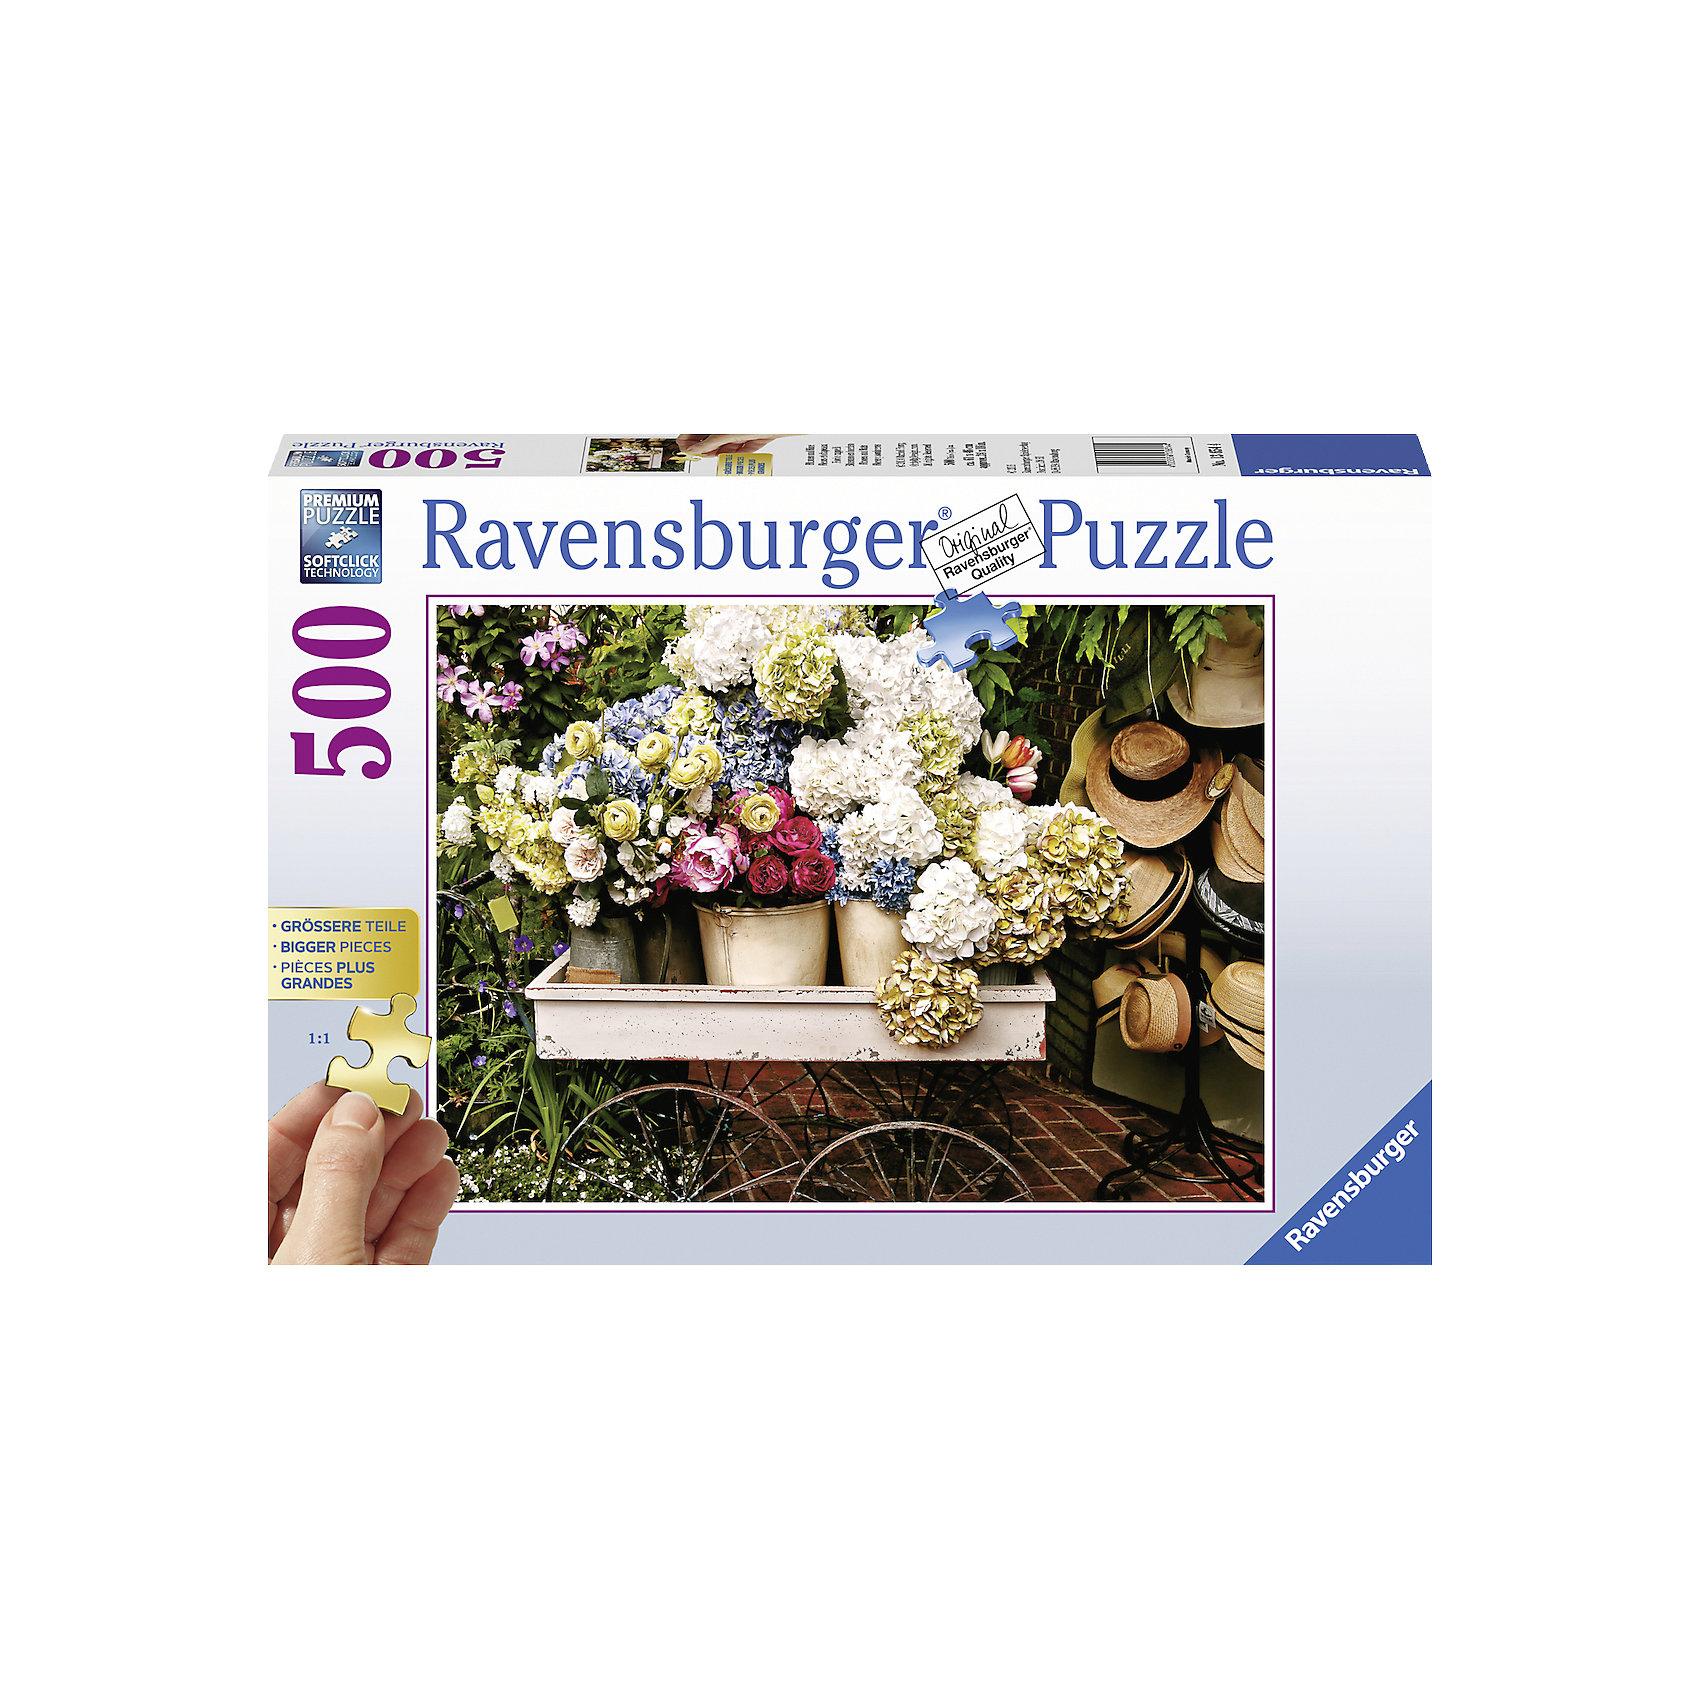 Пазл Цветы и шляпы, 500 деталей, RavensburgerКлассические пазлы<br>Пазл Цветы и шляпы, 500 деталей, Ravensburger (Равенсбургер) – это качественный пазл с яркими красками и реалистичной картинкой.<br>Собрав Пазл «Цветы и шляпы» Ravensburger (Равенсбургер) из 500 деталей Вы получите картину, на которой изображена тележка с букетами восхитительных цветов, а сбоку на вешалке висят соломенные шляпки. Картинка выглядит довольно реалистично, глядя на нее, кажется, что попадаешь на красочную распродажу. Процесс сборки пазла снимает стресс и способствует развитию логического мышления. Пазлы Ravensburger (Равенсбургер) - это высочайшее качество картона и полиграфии. Детали пазла не ломаются, не подвергаются деформации при сборке. Элементы пазла идеально соединяются друг с другом, не отслаиваются с течением времени. Матовая поверхность исключает отблески. Для сохранения в собранном виде можно использовать скотч или специальный клей для пазлов (в комплект не входит).<br><br>Дополнительная информация:<br><br>- Количество деталей: 500<br>- Размер готовой картинки: 61 x 46 см.<br>- Материал: прочный, качественный картон<br>- Размер упаковки: 34 x 23 x 6 см.<br><br>Пазл Цветы и шляпы, 500 деталей, Ravensburger (Равенсбургер) можно купить в нашем интернет-магазине.<br><br>Ширина мм: 336<br>Глубина мм: 233<br>Высота мм: 39<br>Вес г: 514<br>Возраст от месяцев: 108<br>Возраст до месяцев: 228<br>Пол: Унисекс<br>Возраст: Детский<br>Количество деталей: 500<br>SKU: 4441712